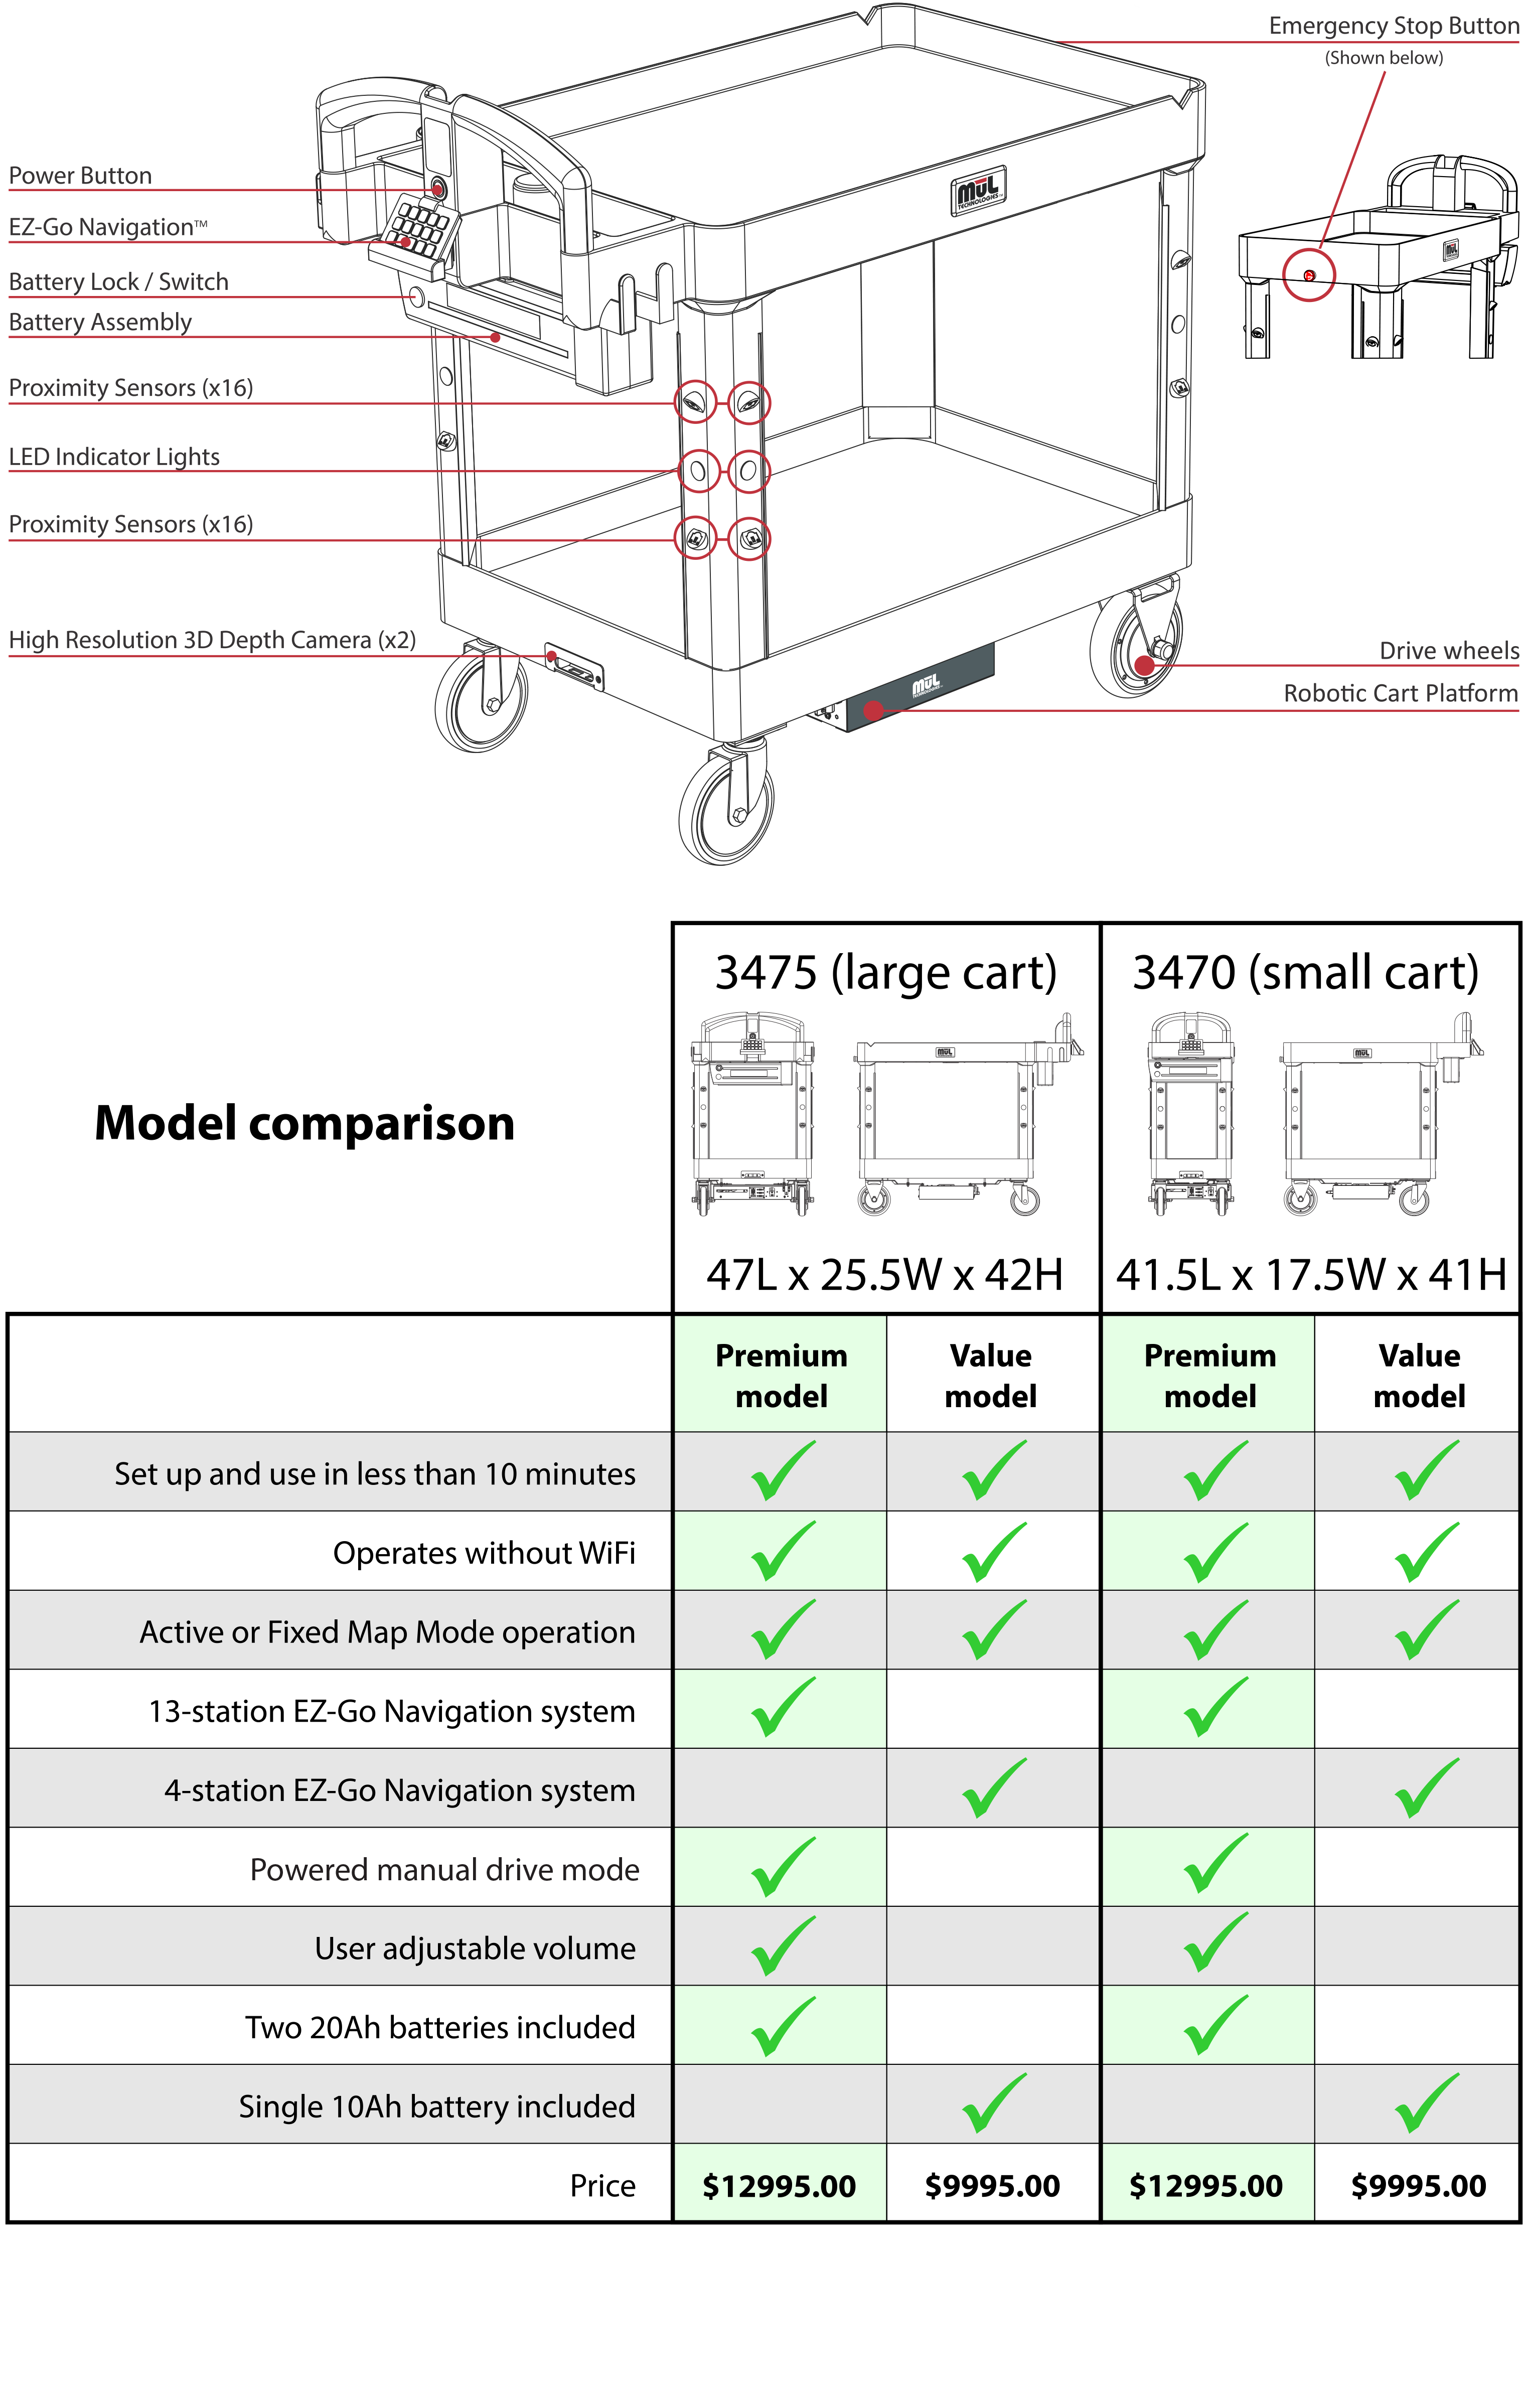 Feature overview & model comparison